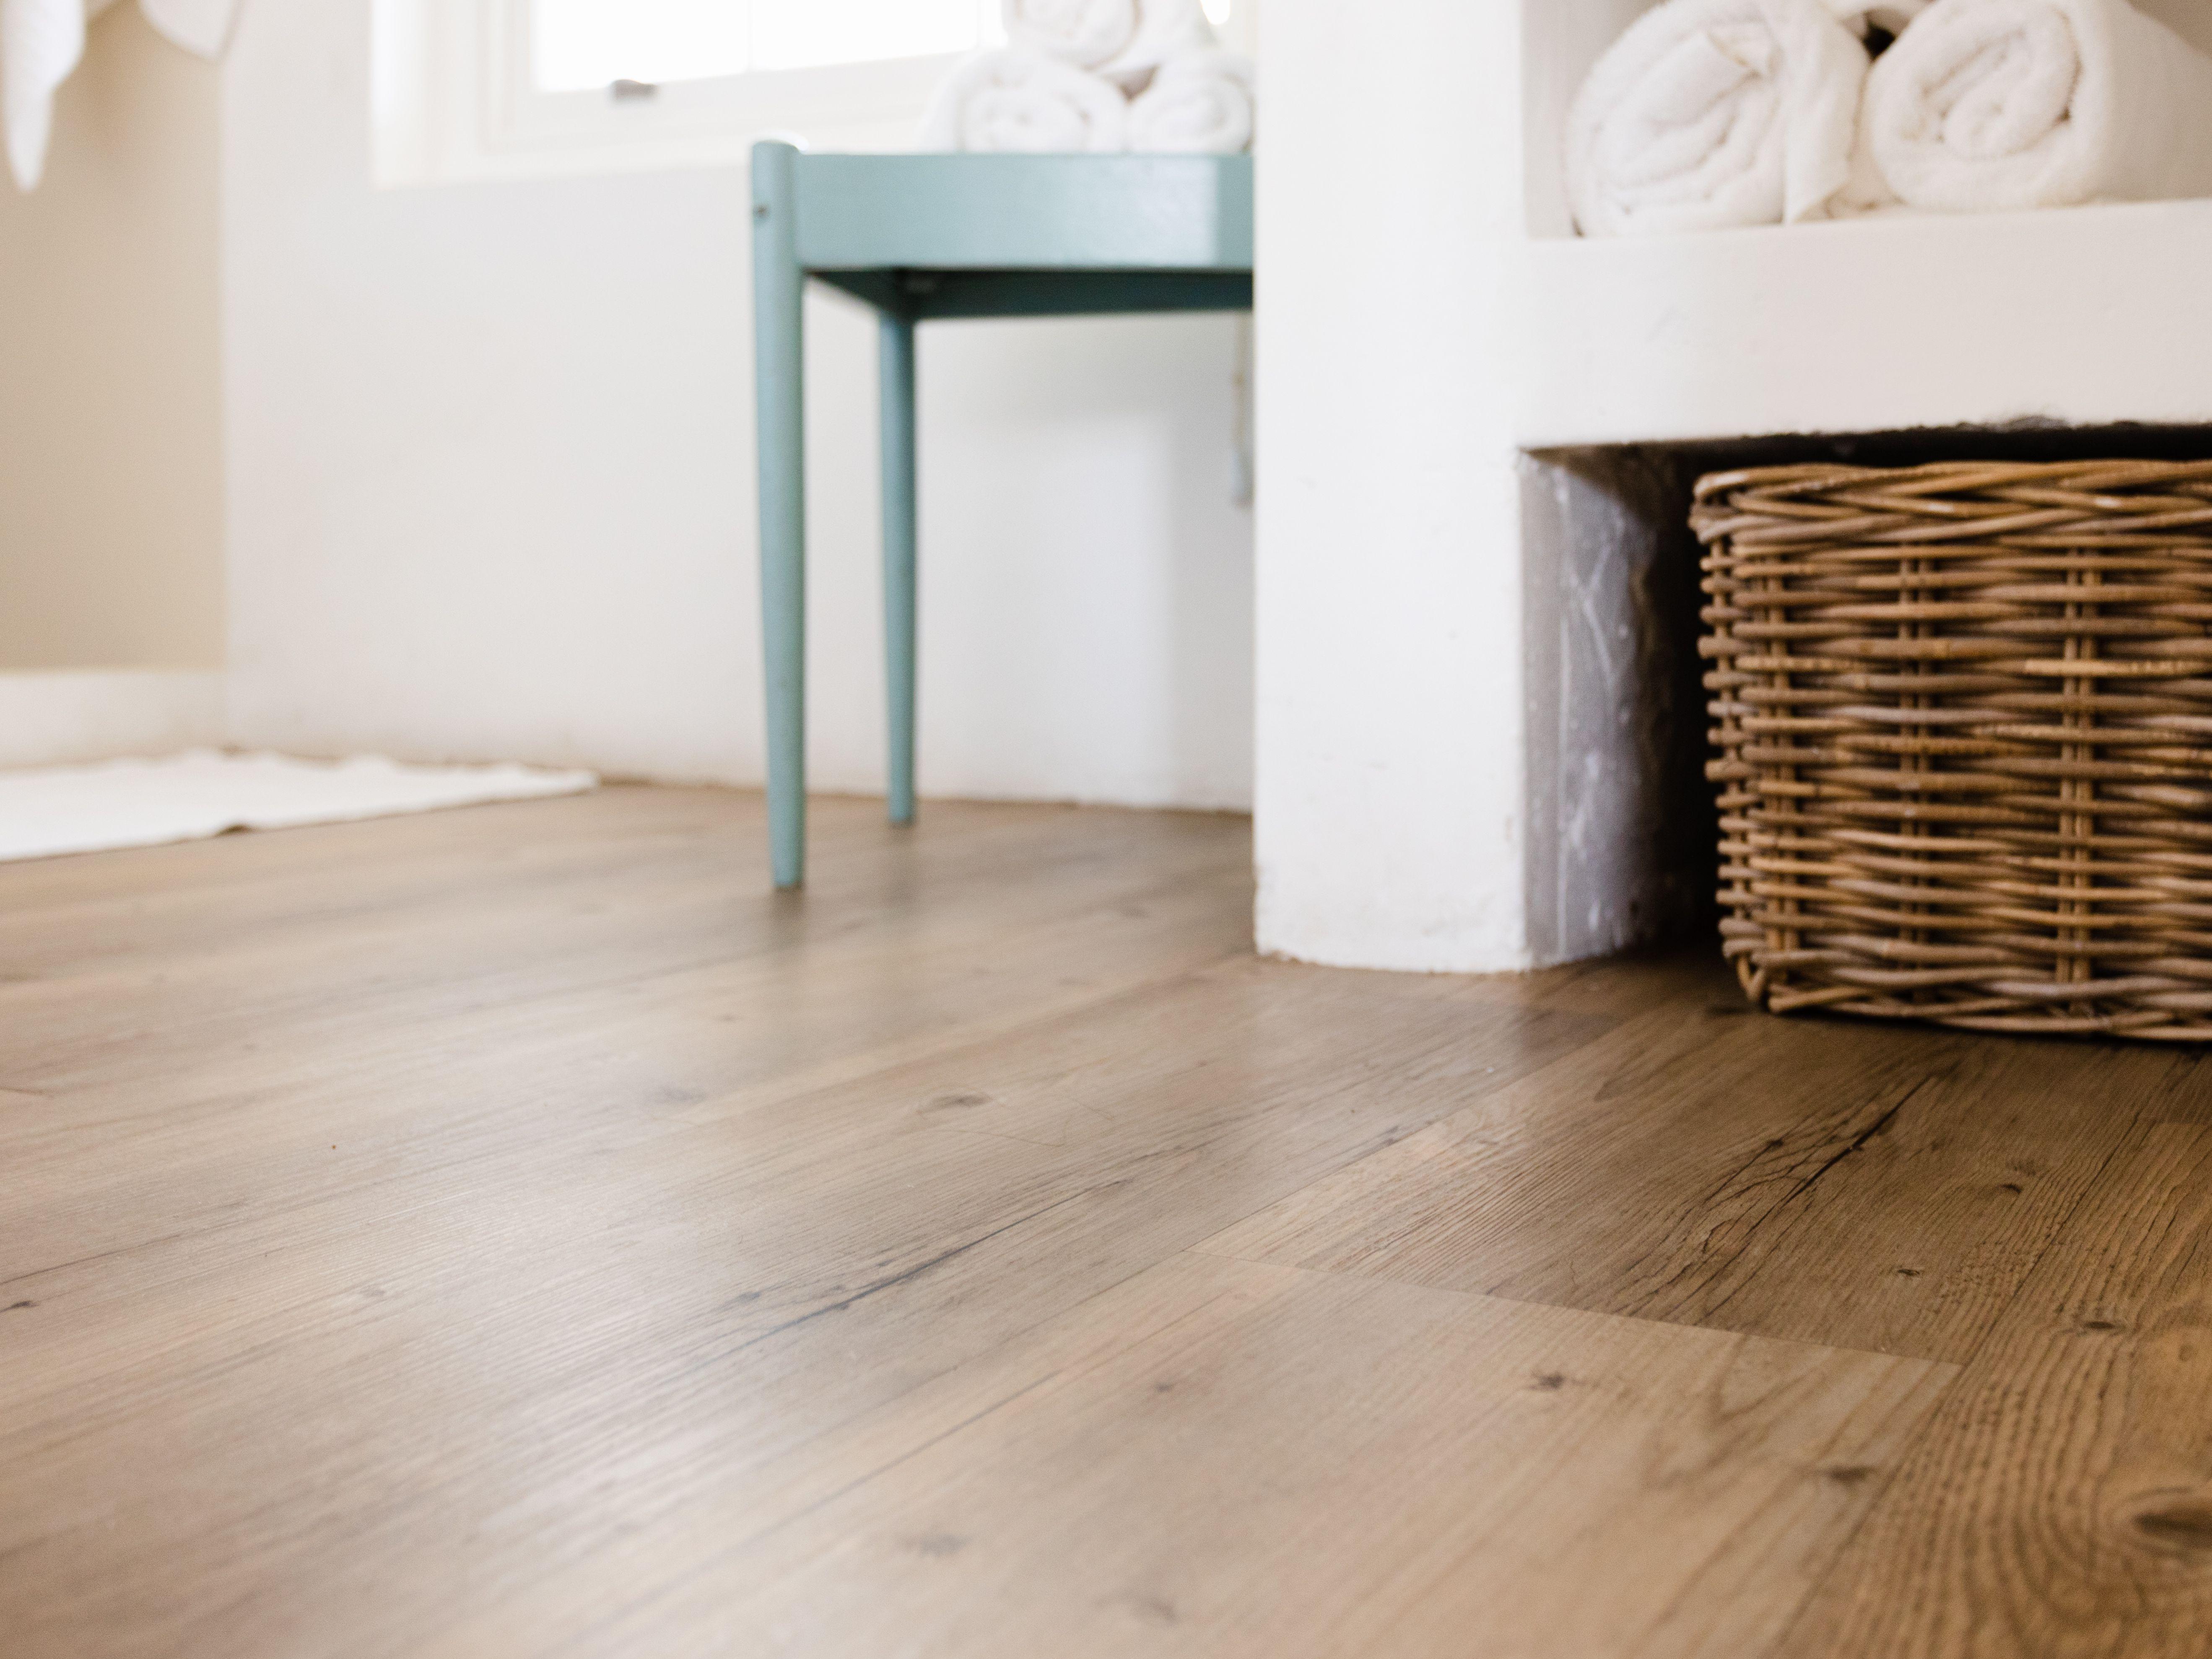 Best Vinyl Plank Flooring For Your Home, Is Loose Lay Vinyl Plank Flooring Waterproof